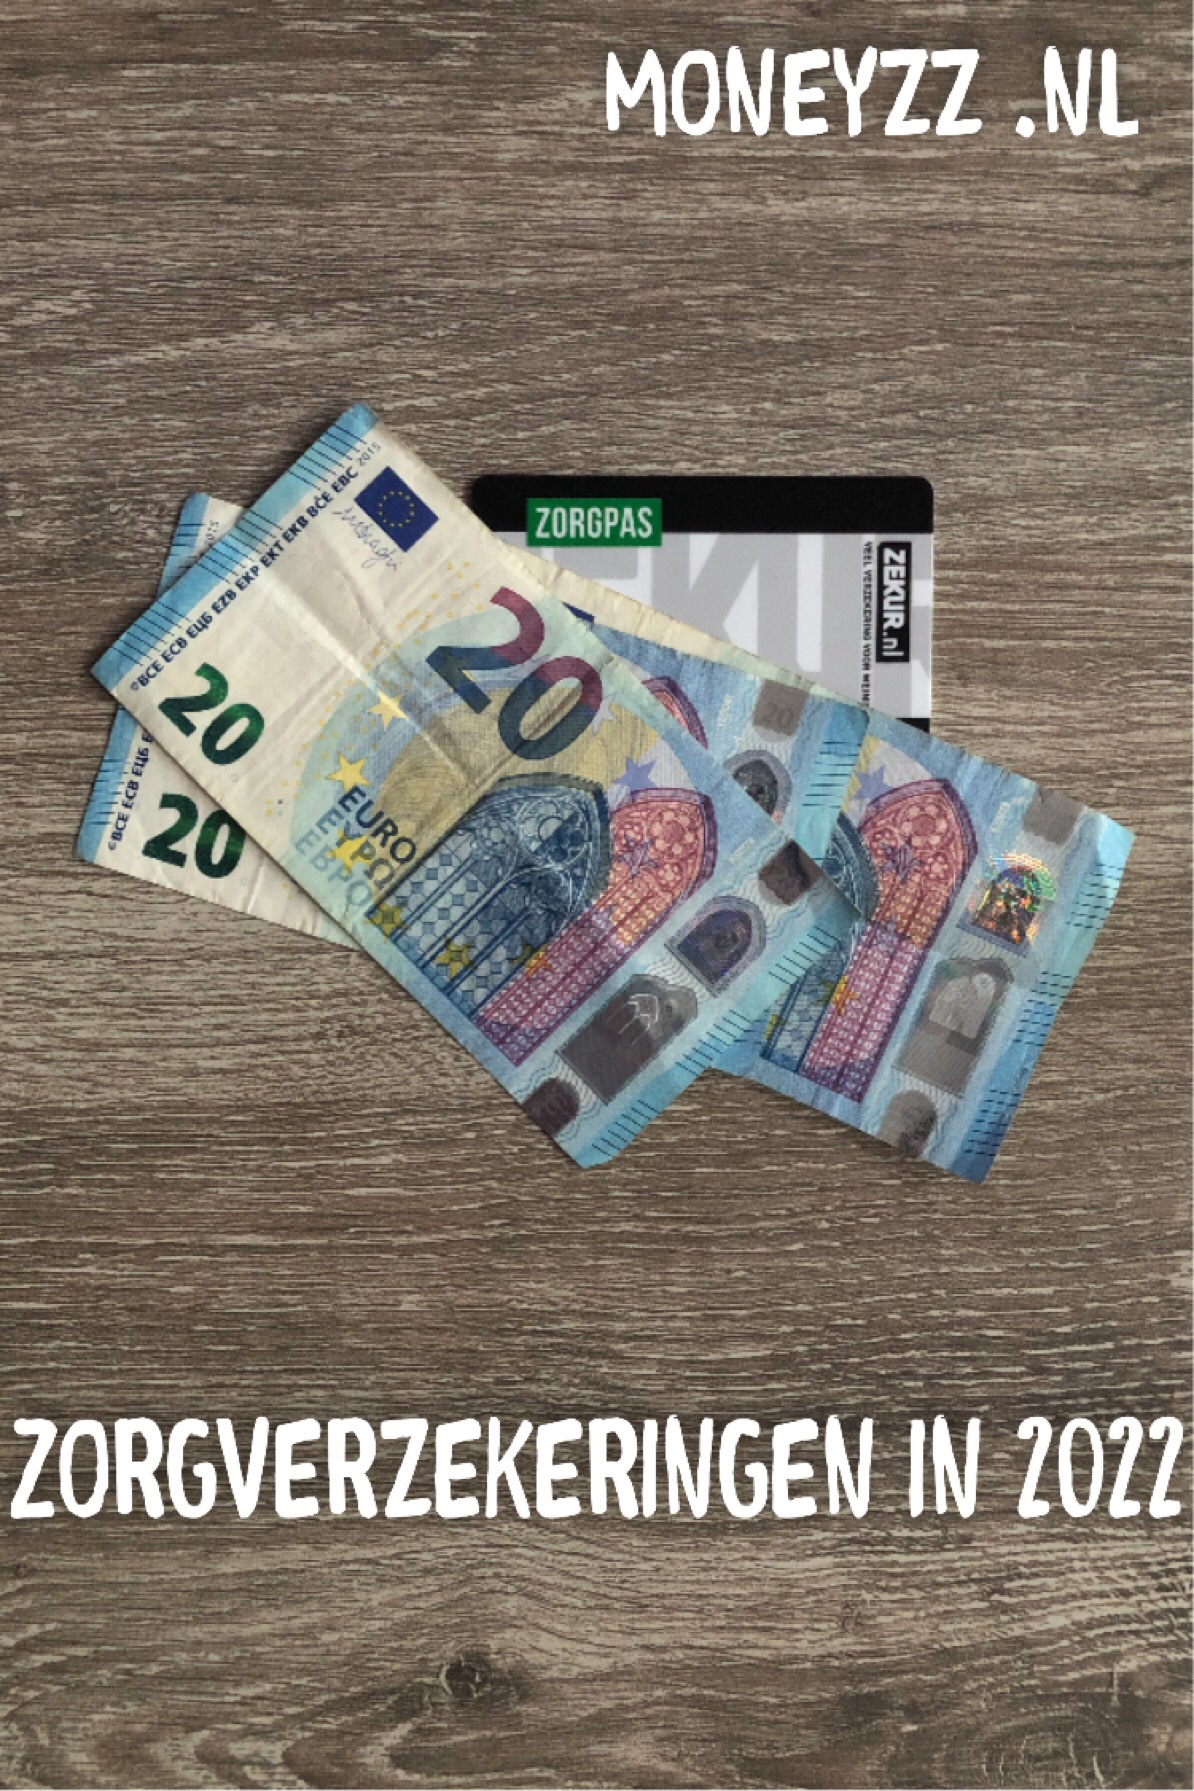 Zorgverzekeringen in 2022